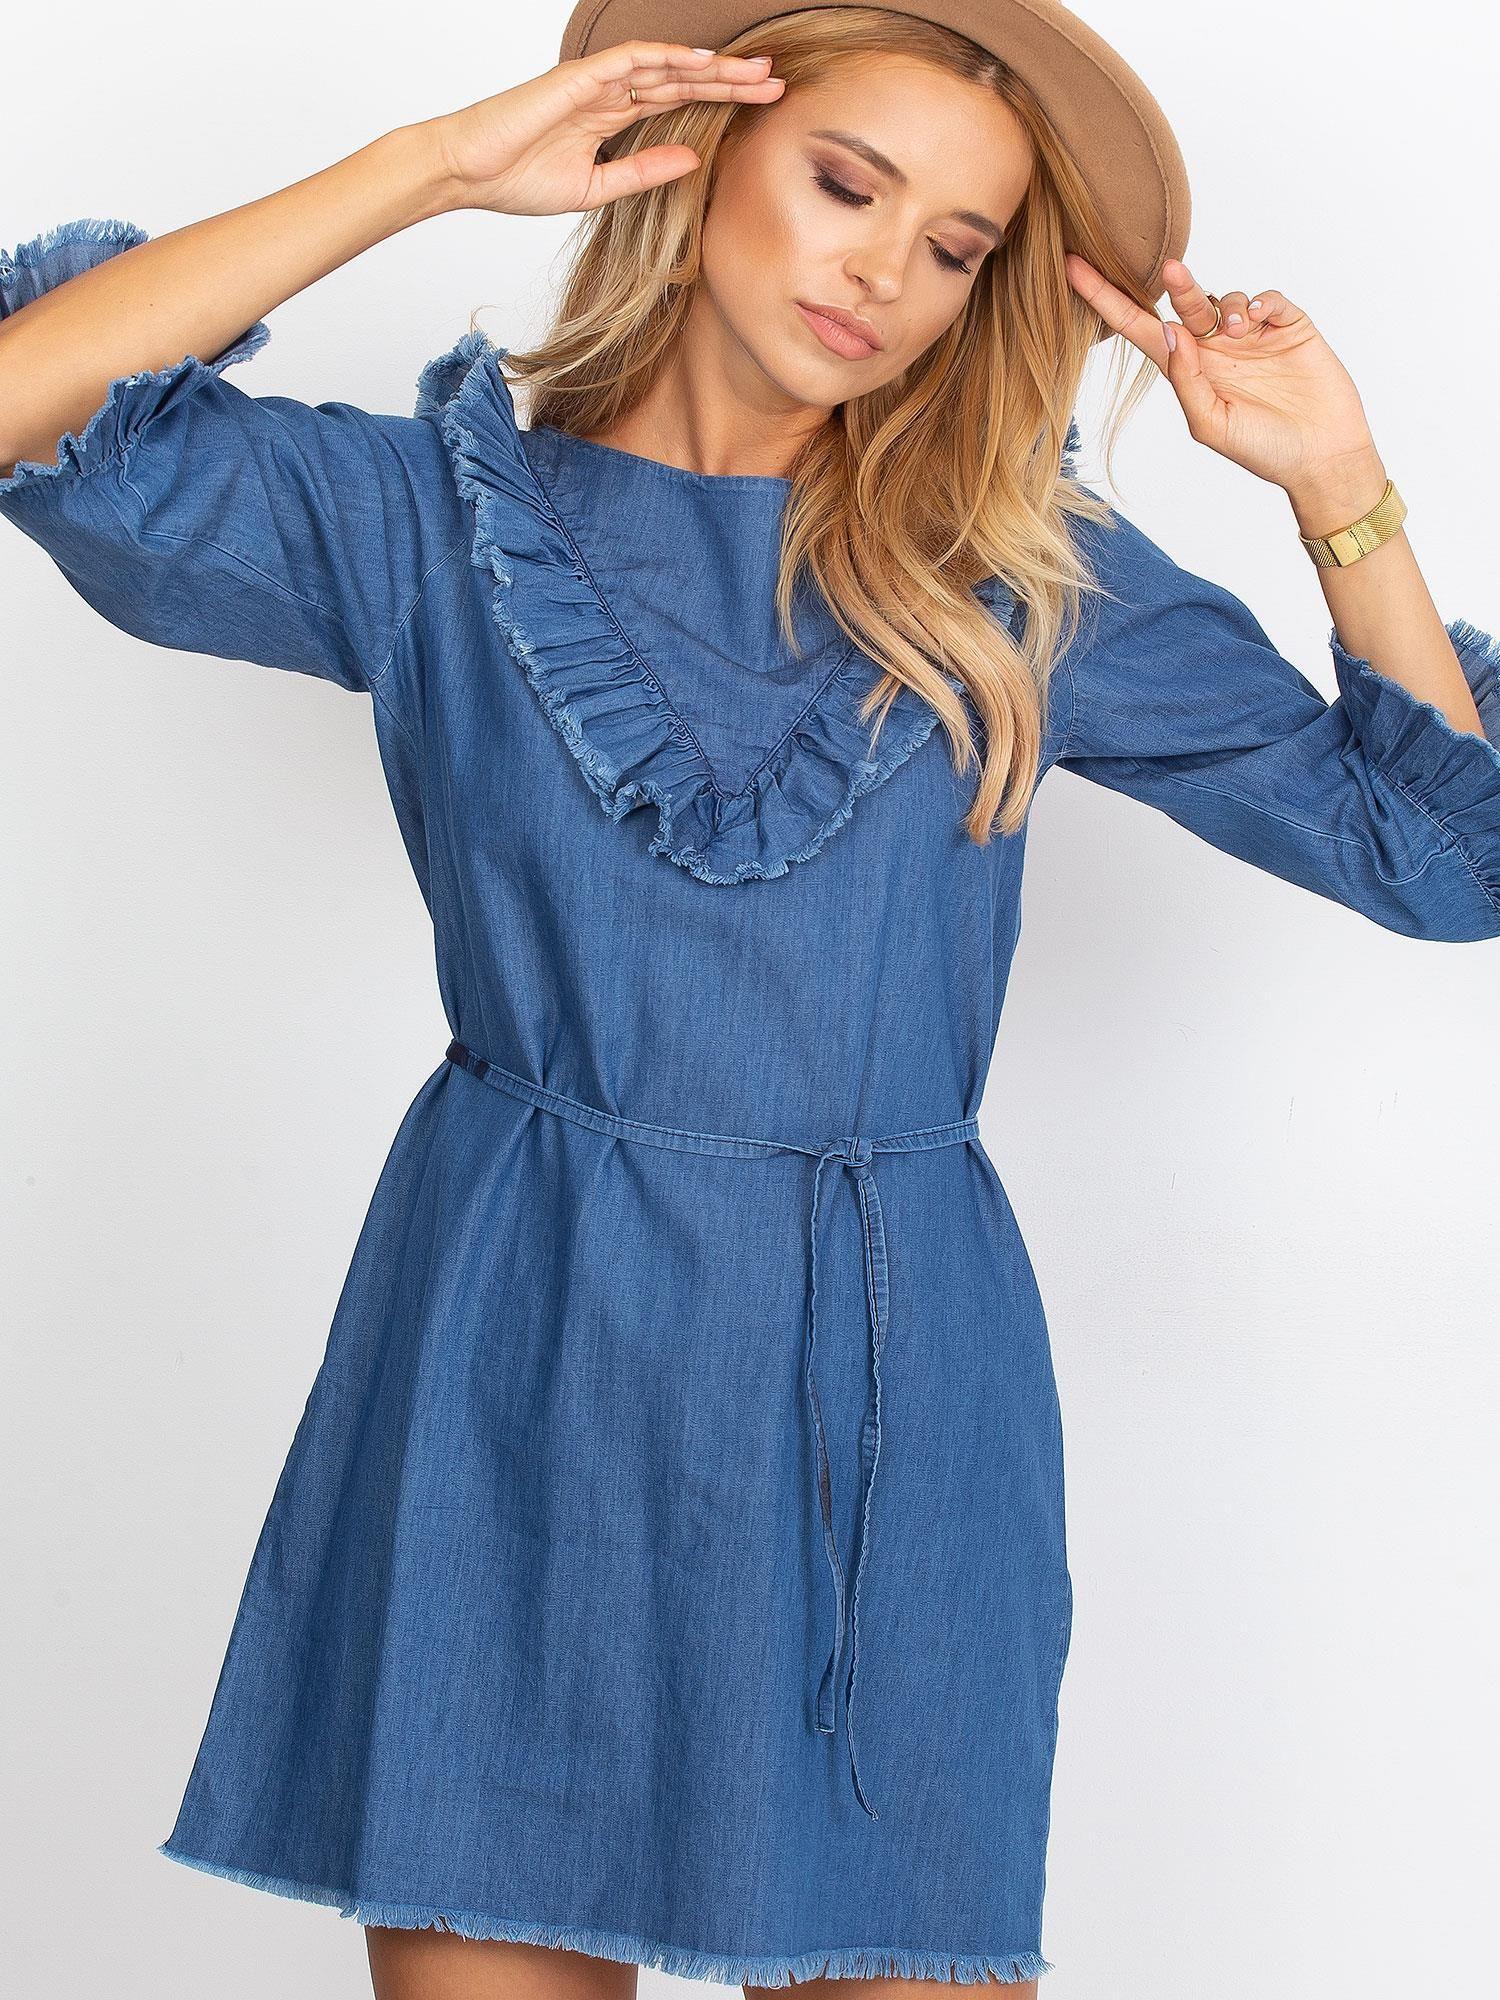 dff4cff463 Sukienka Niebieska Z Wystrzępionymi Wykończeniem Sukienka One Size